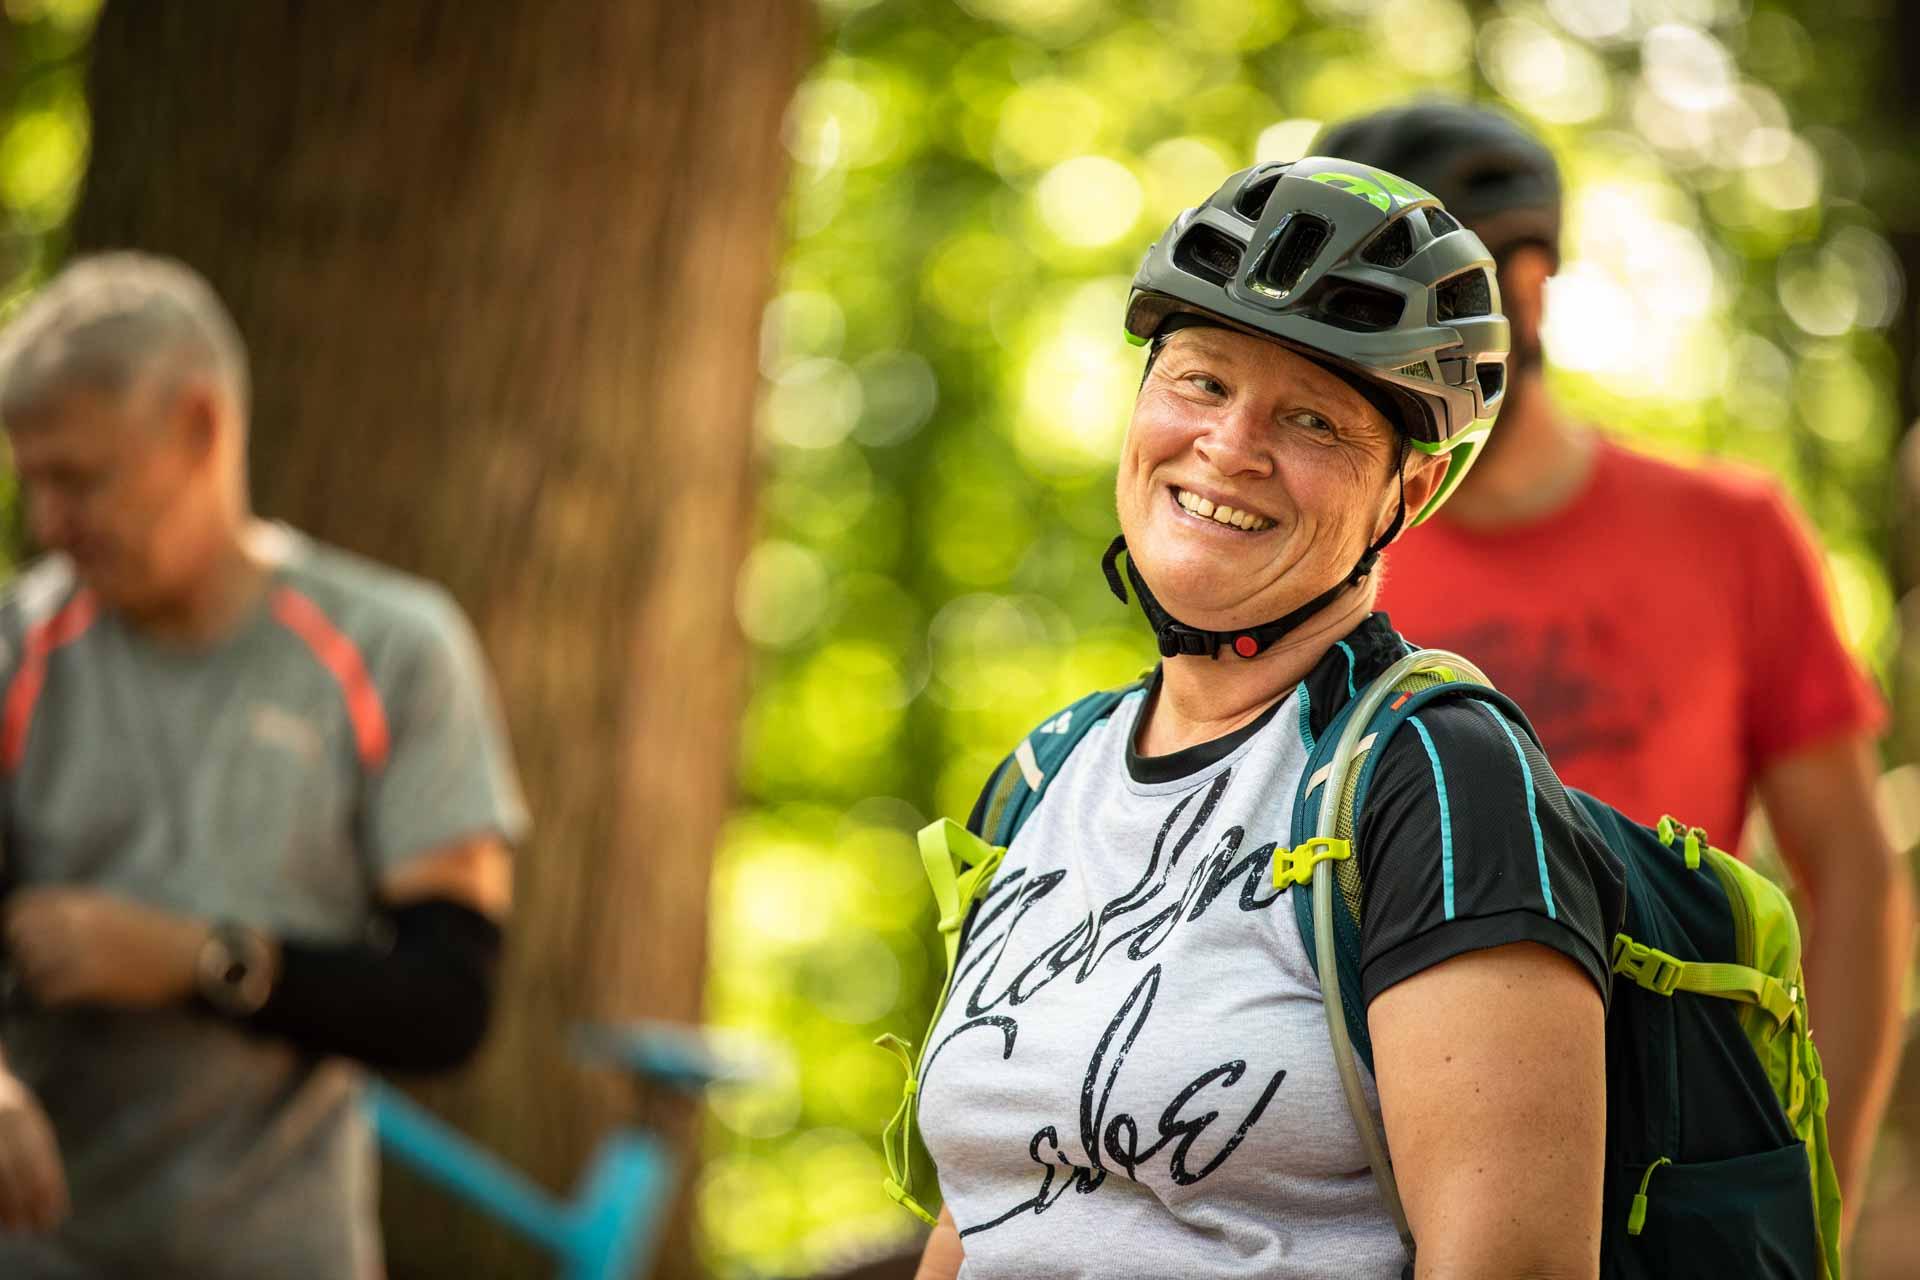 eMTB Fahrtechnik Einsteiger Siegburg Bonn eBike Kurs für eBike Einsteiger_Rock my Trail Bikeschule - 334